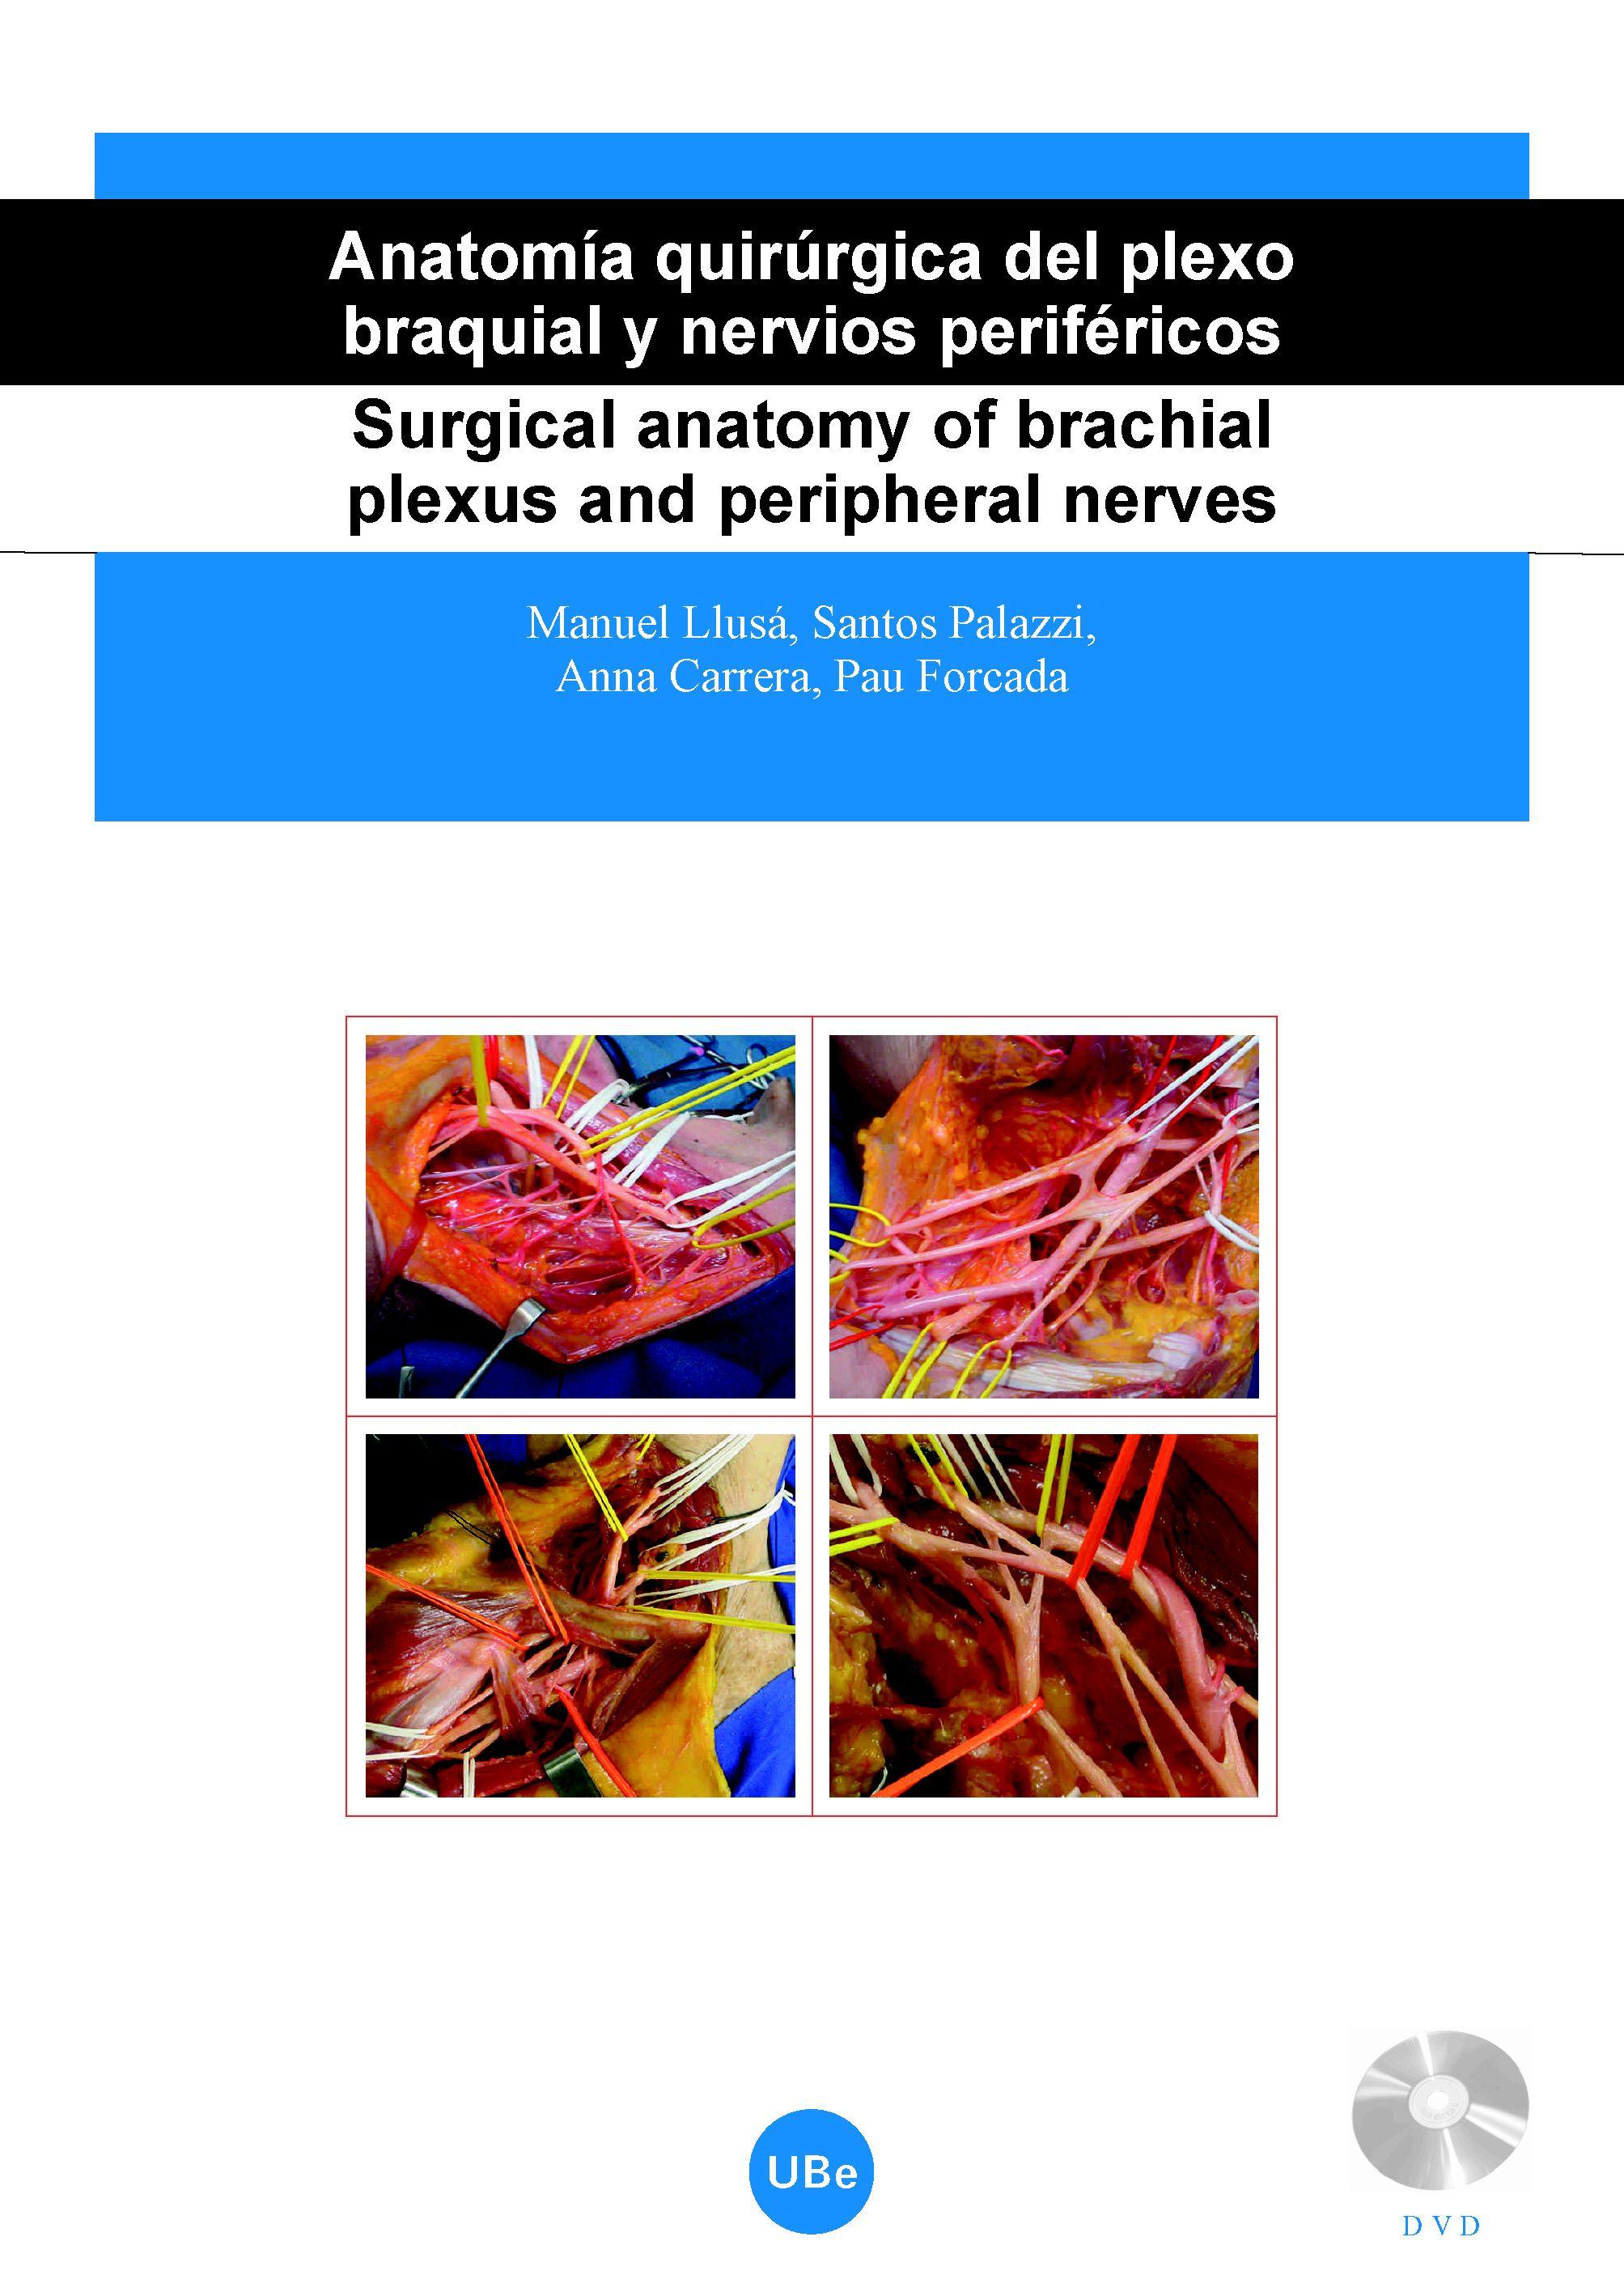 Anatomía quirúrgica del plexo braquial y nervios periféricos ...